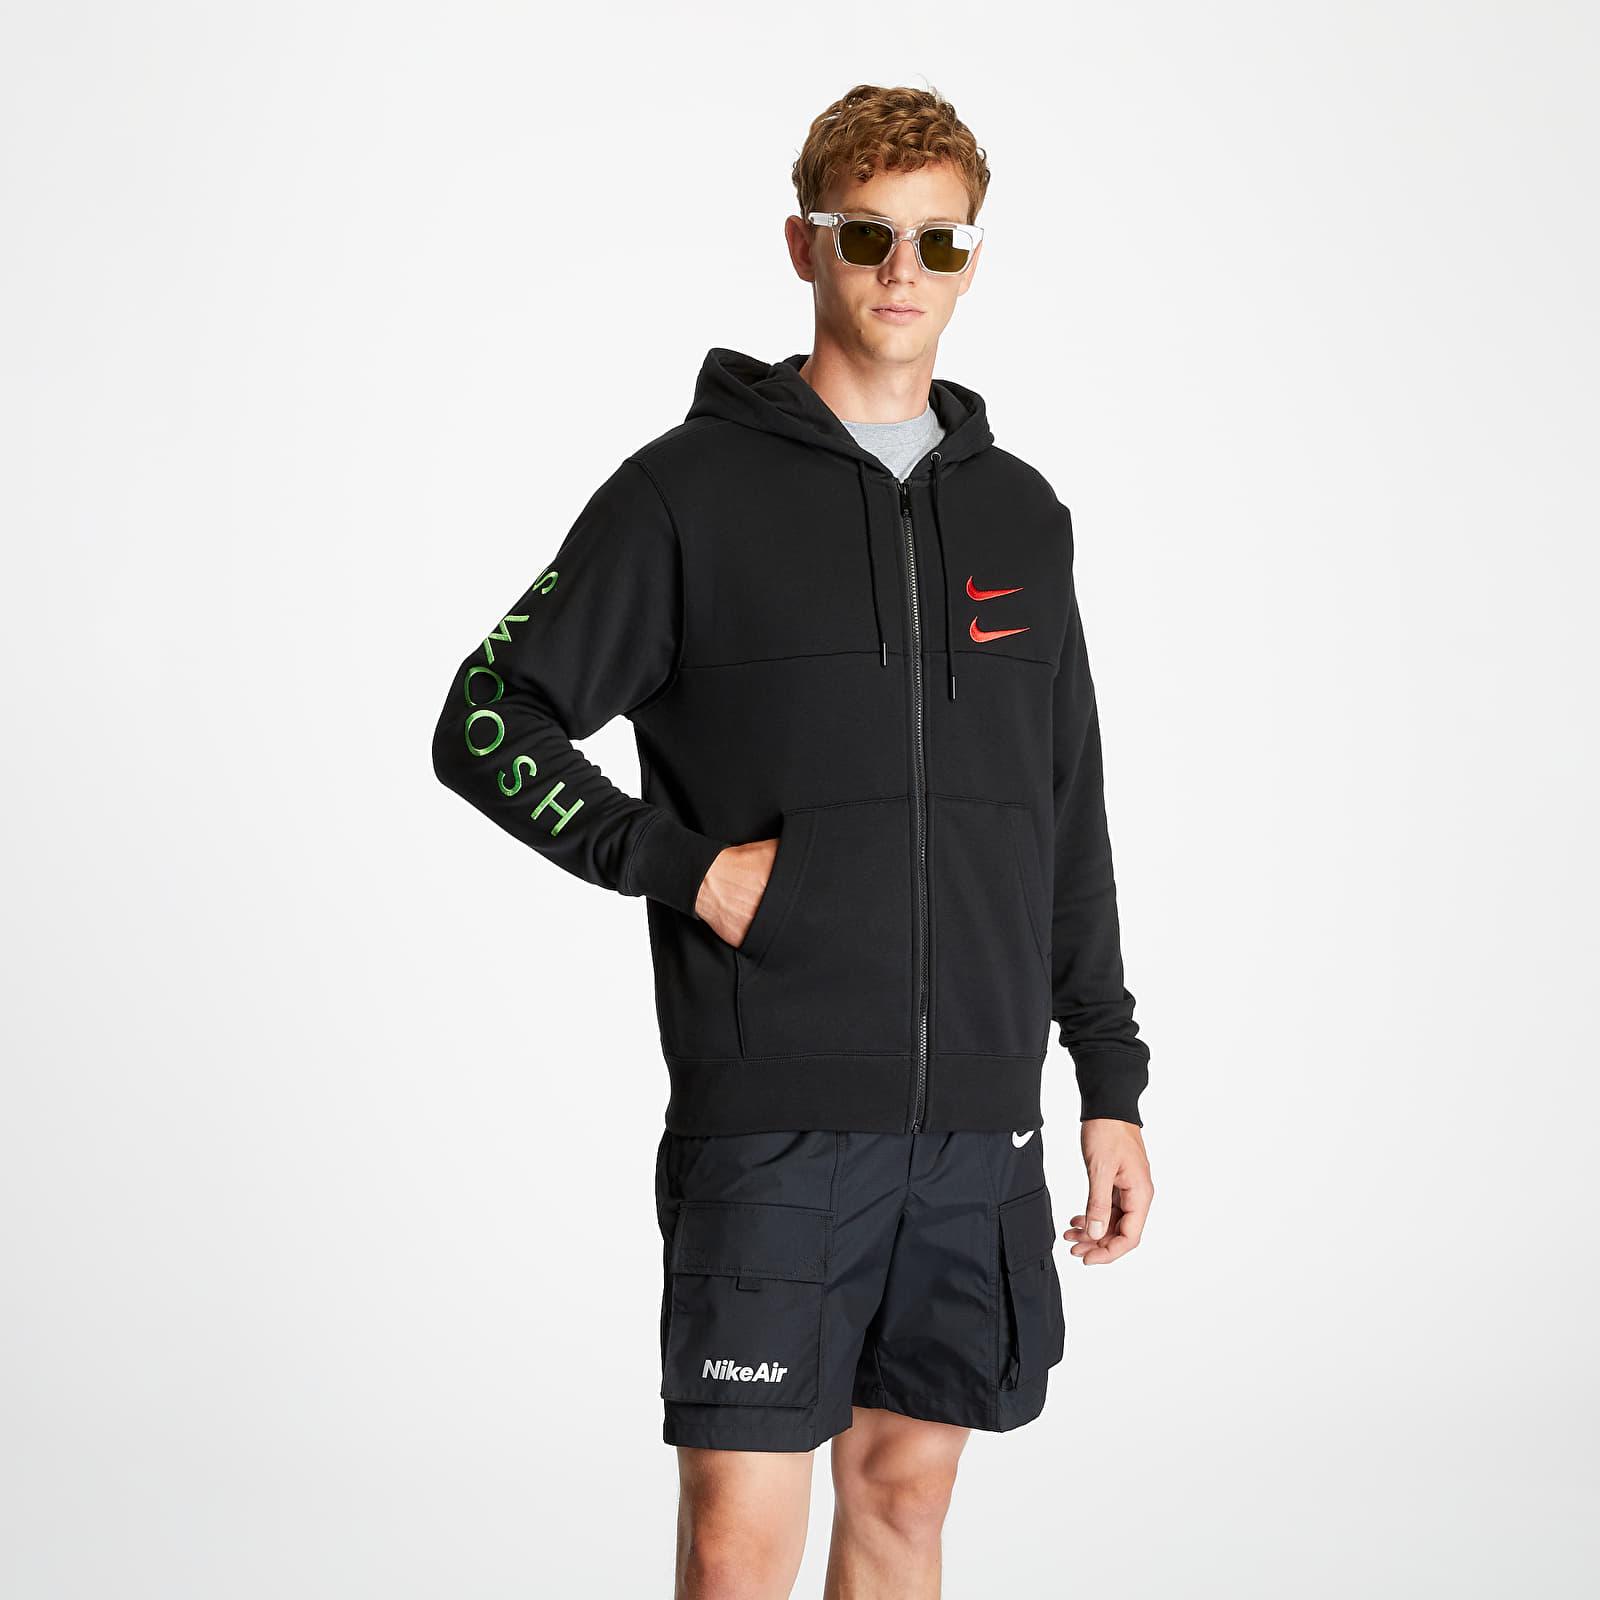 Nike Sportswear Full Zip Hoodie Black/ Ember Glow